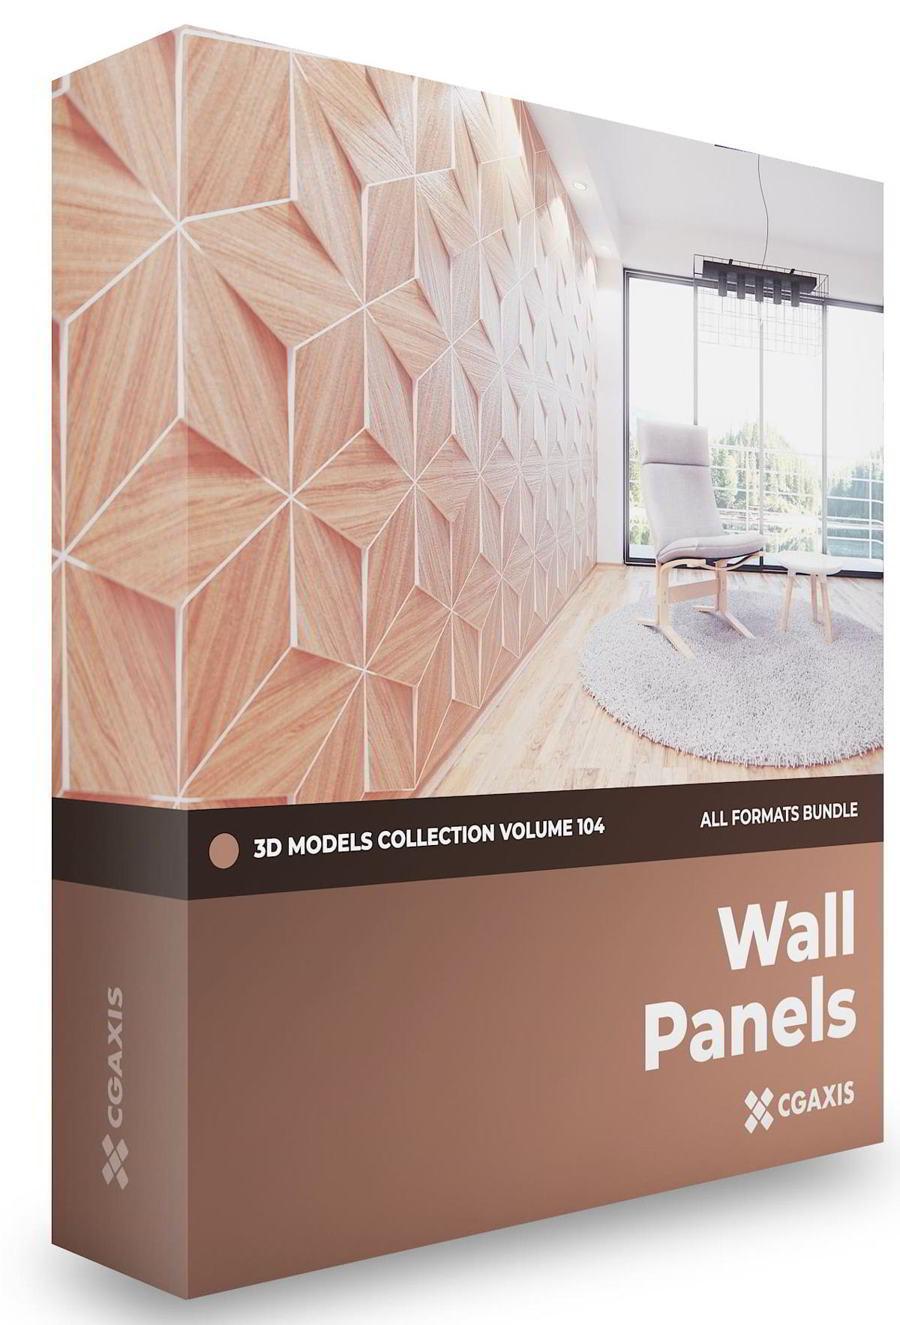 مدل سه بعدی پنل دیواری CGAxis – Wall Panels 3D Models Collection – Volume 104